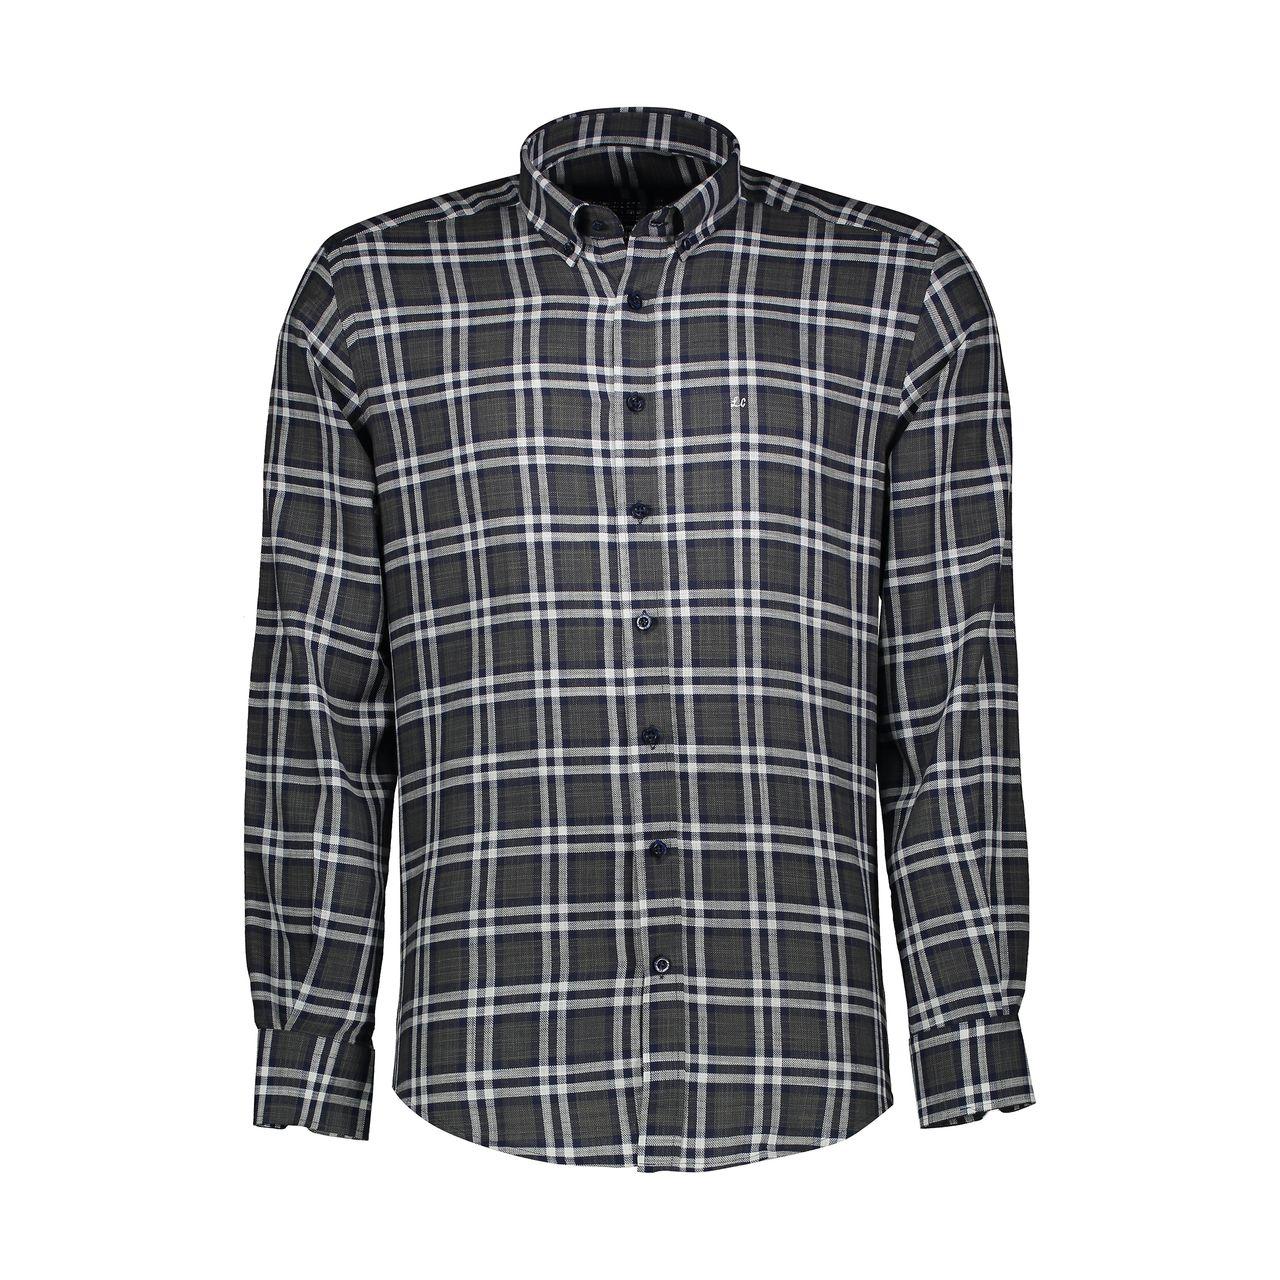 پیراهن آستین بلند مردانه ال سی من مدل 02141074-328